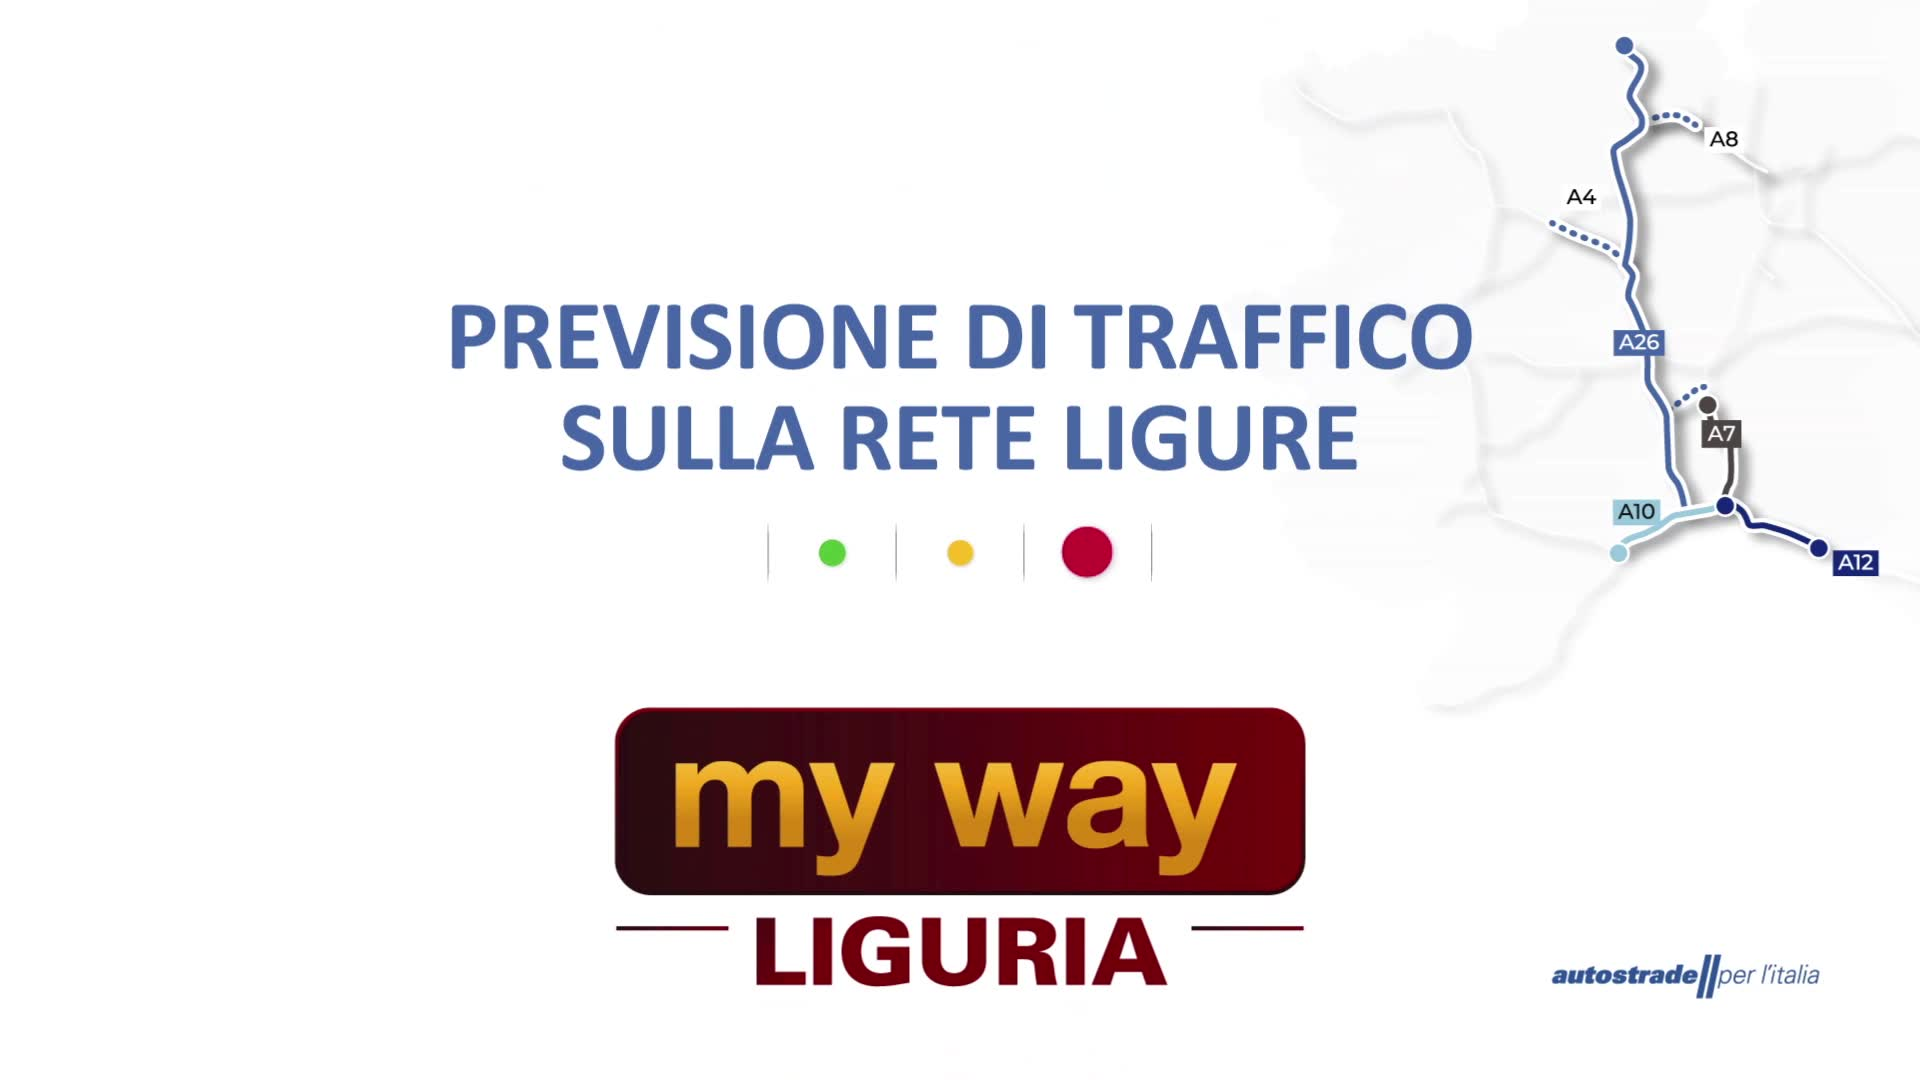 Le previsioni del traffico sulle autostrade liguri per giovedì 5 agosto